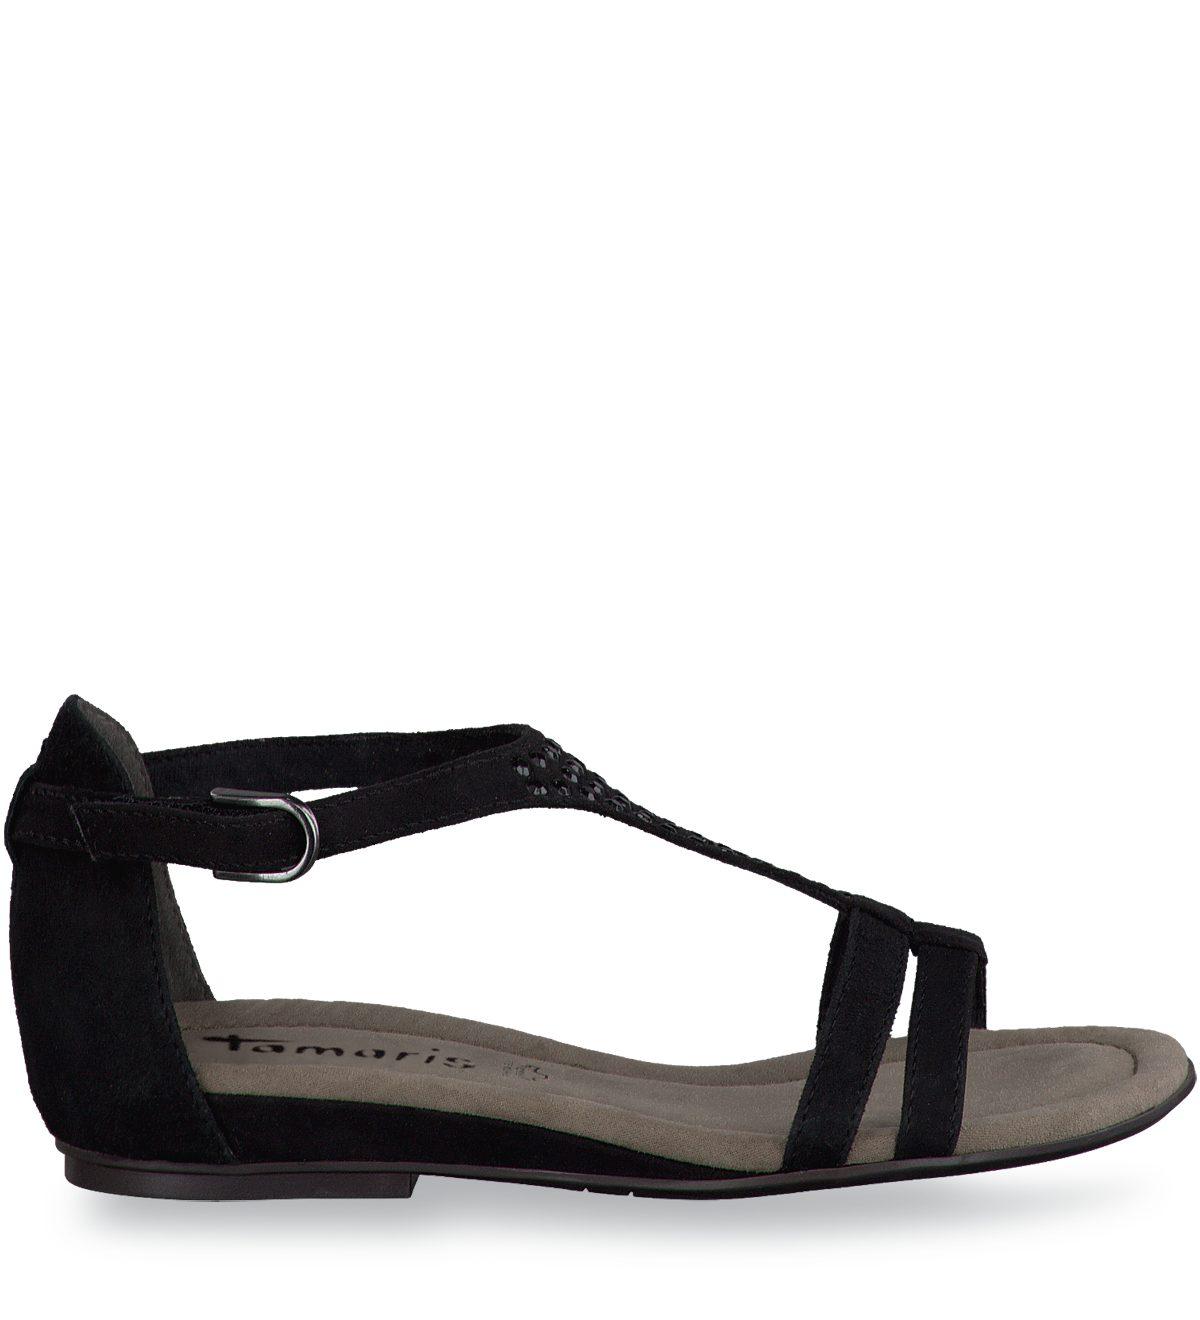 tamaris sandalen rice schwarz g nstig schnell einkaufen. Black Bedroom Furniture Sets. Home Design Ideas